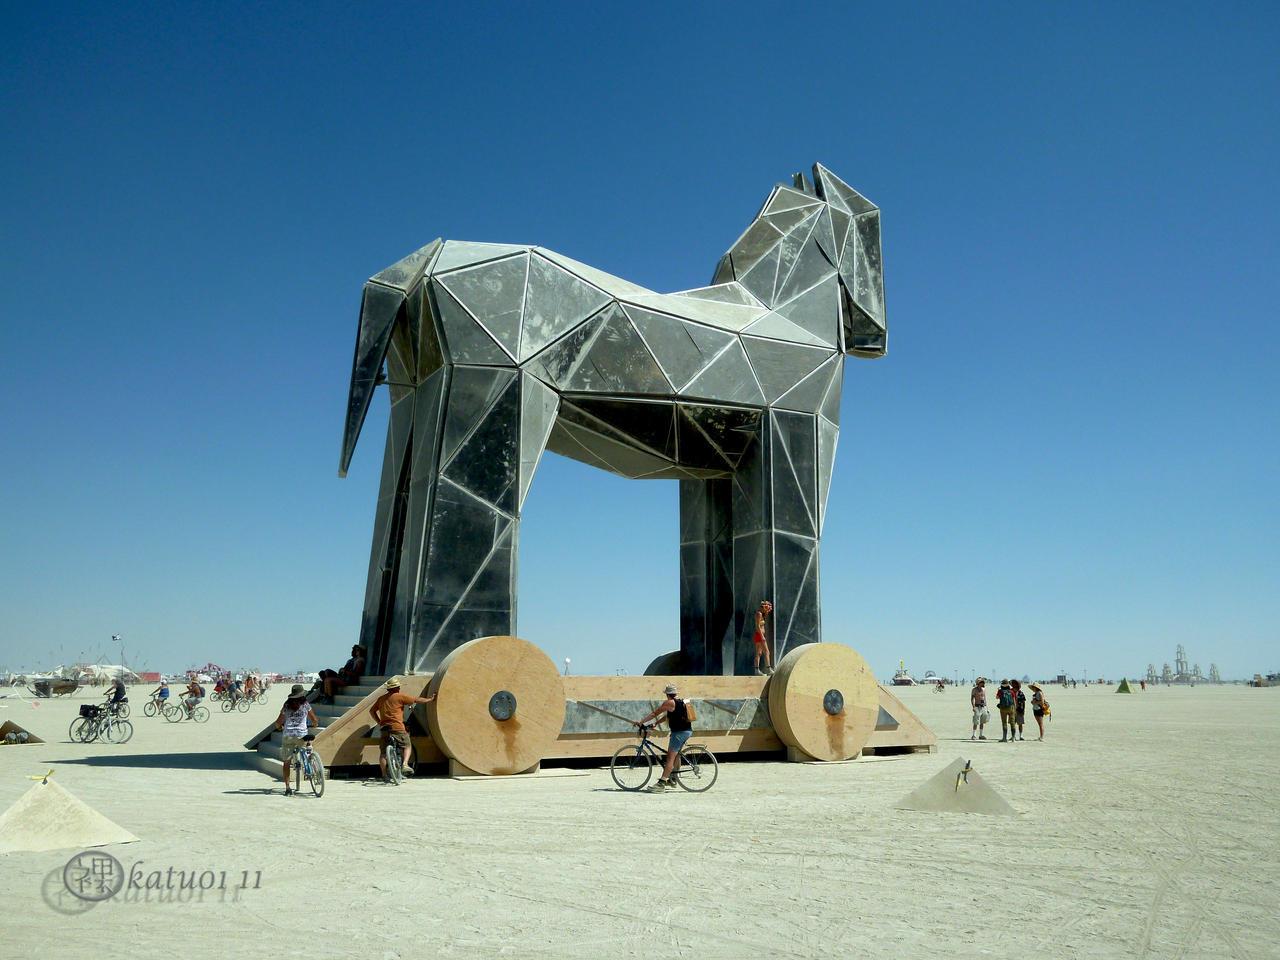 http://fc05.deviantart.net/fs71/i/2011/252/9/b/burning_man_trojan_horse_by_katu01-d49ca6m.jpg